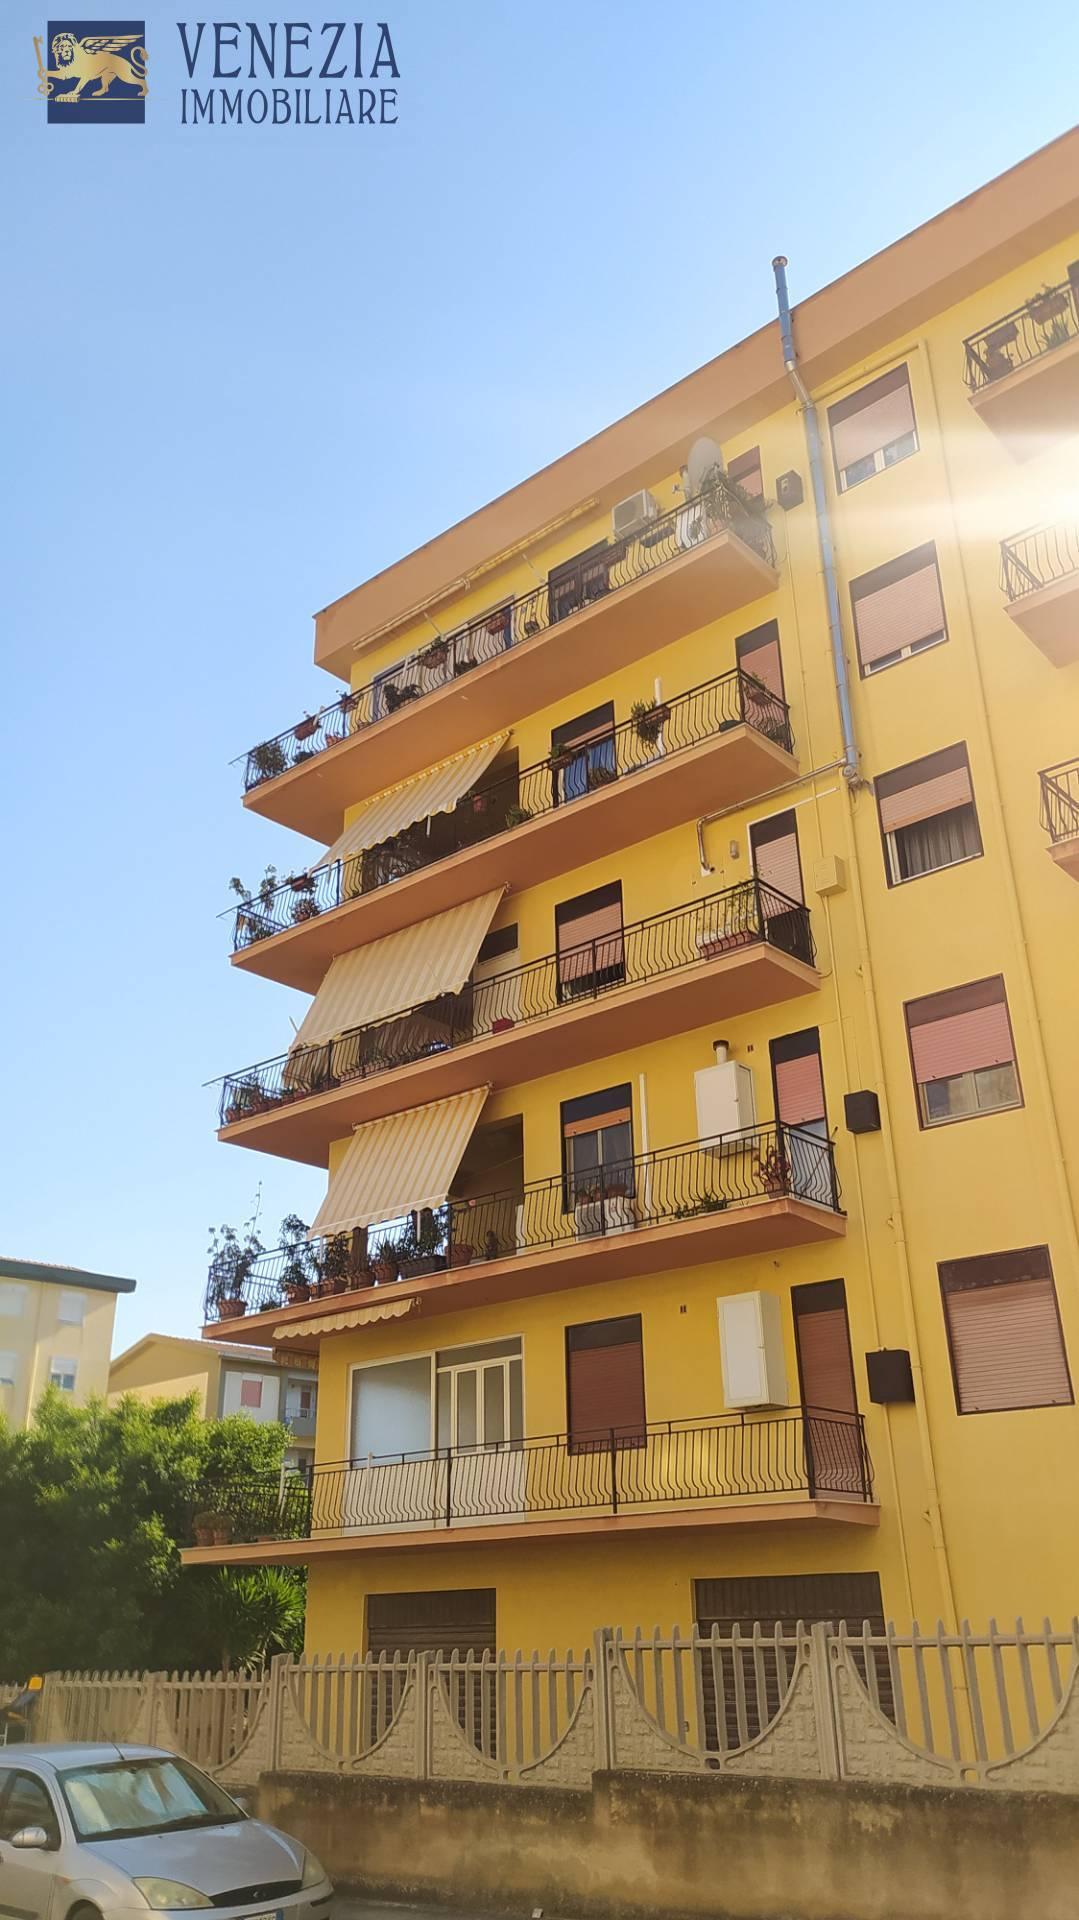 Appartamento in vendita a Sciacca, 8 locali, zona Località: Perriera, prezzo € 175.000   PortaleAgenzieImmobiliari.it